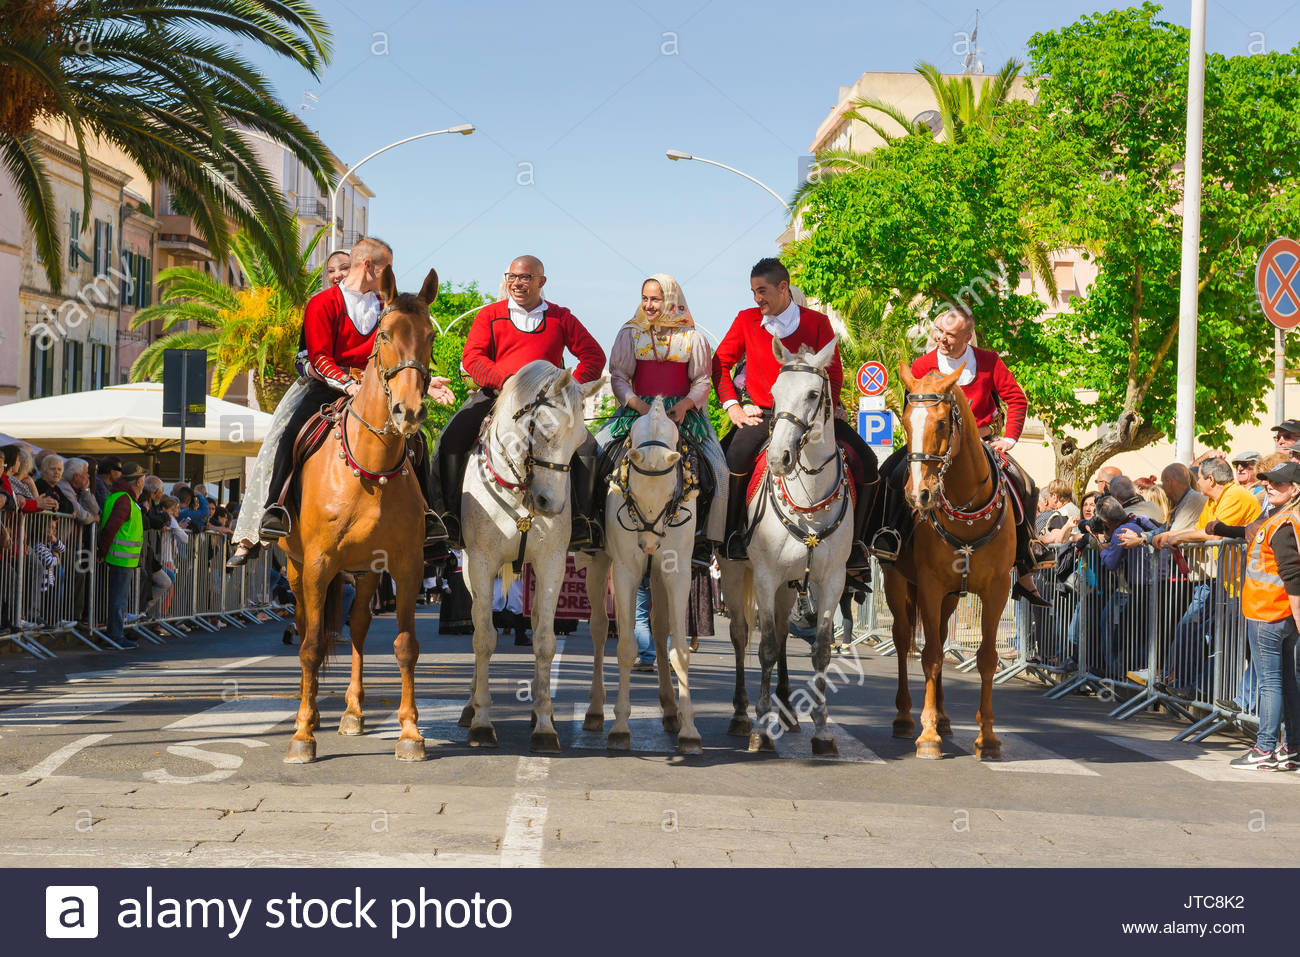 Cerdeña festival Cavalcata Sarda, en el festival Cavalcata sardos en traje tradicional montar sus caballos en la procesión a través de Sassari. Imagen De Stock